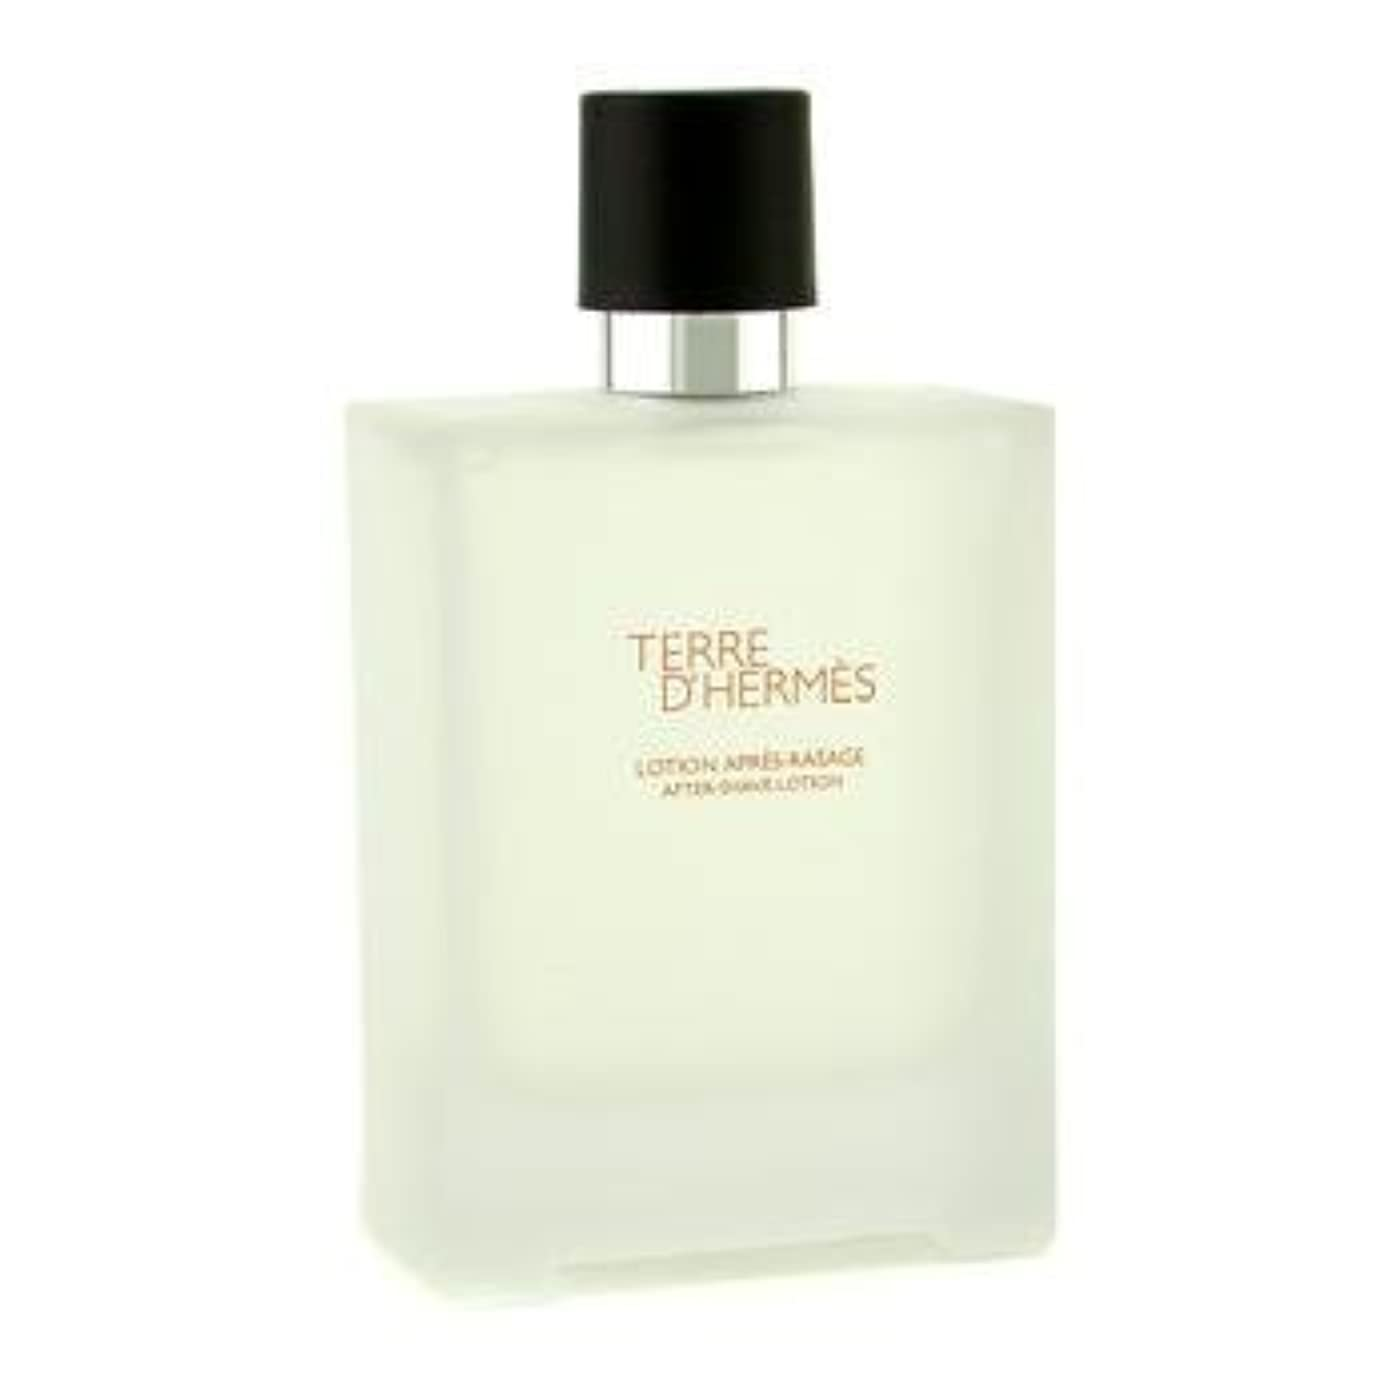 放散するみぞれ起訴するHermes Terre D'Hermes After Shave Lotion - 100ml/3.3oz by Hermes [並行輸入品]